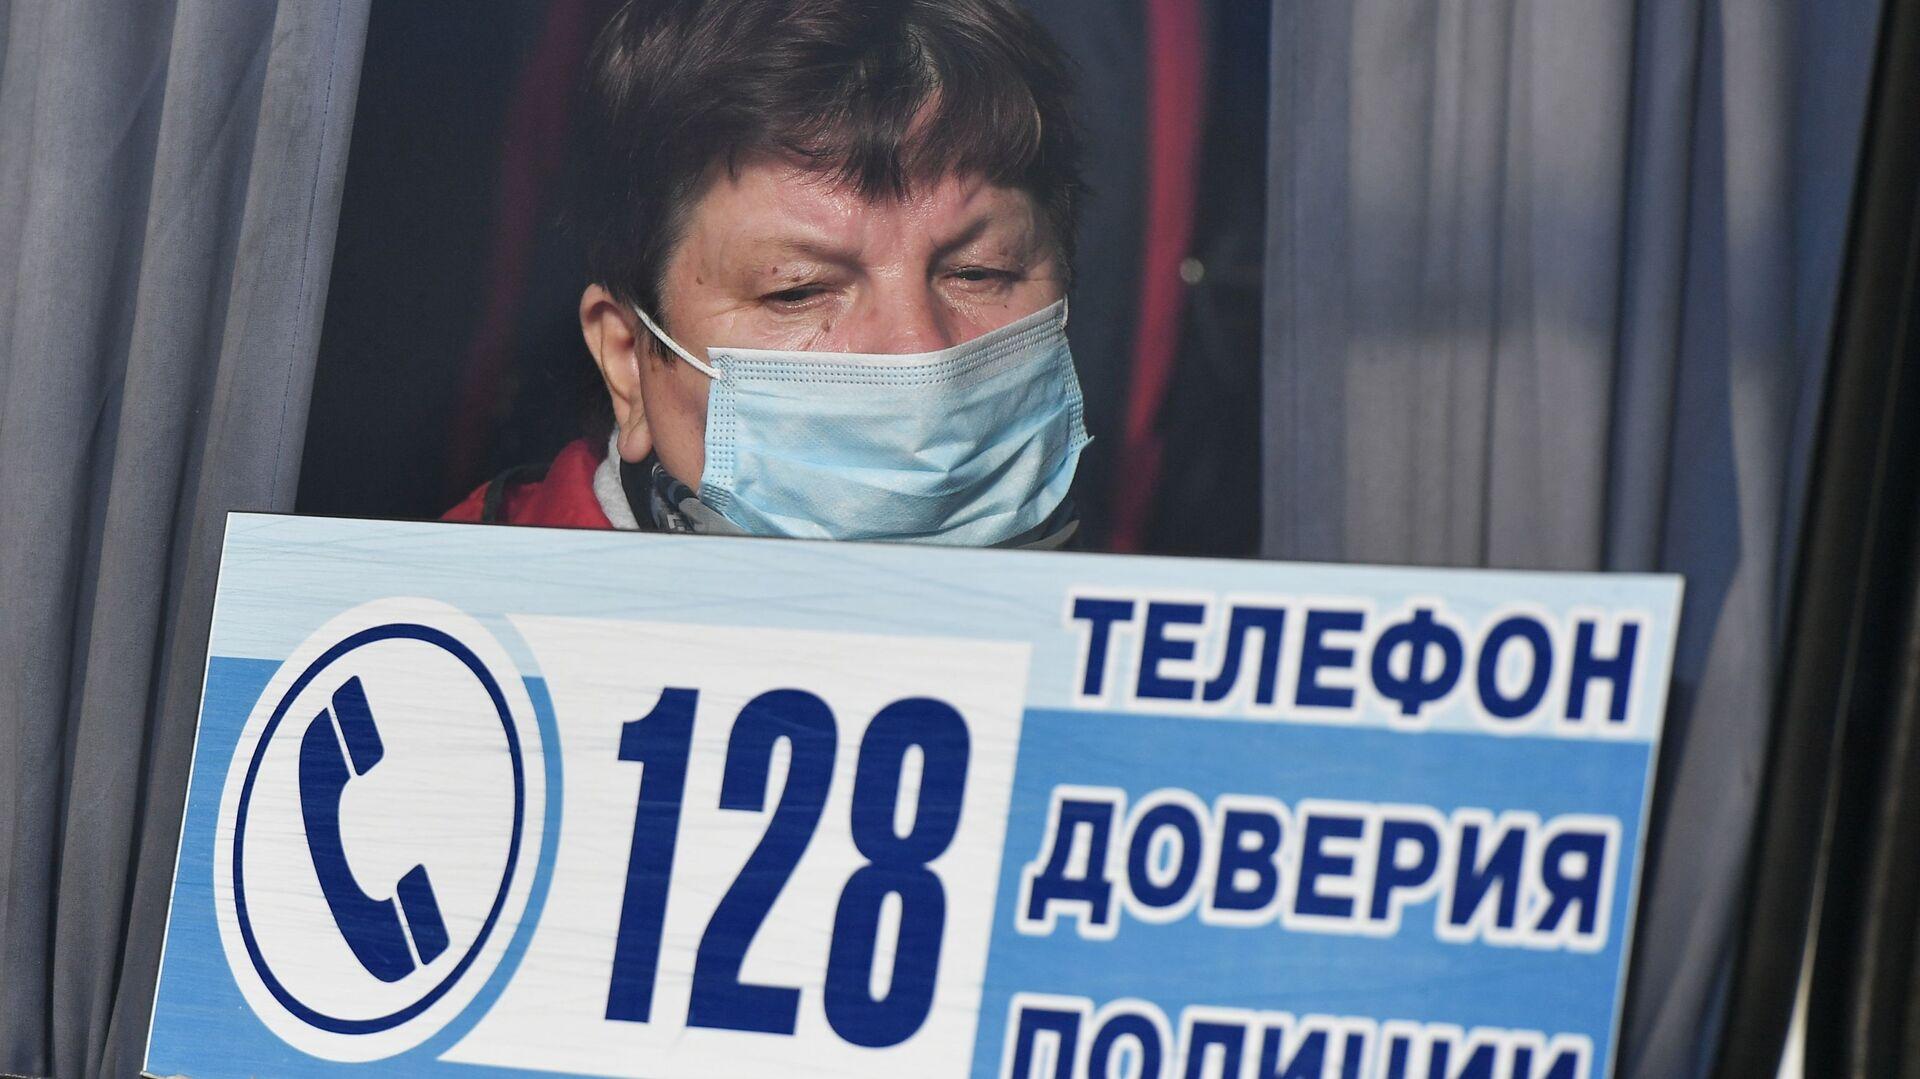 Ситуация в связи с коронавирусом в Симферополе - РИА Новости, 1920, 08.09.2021